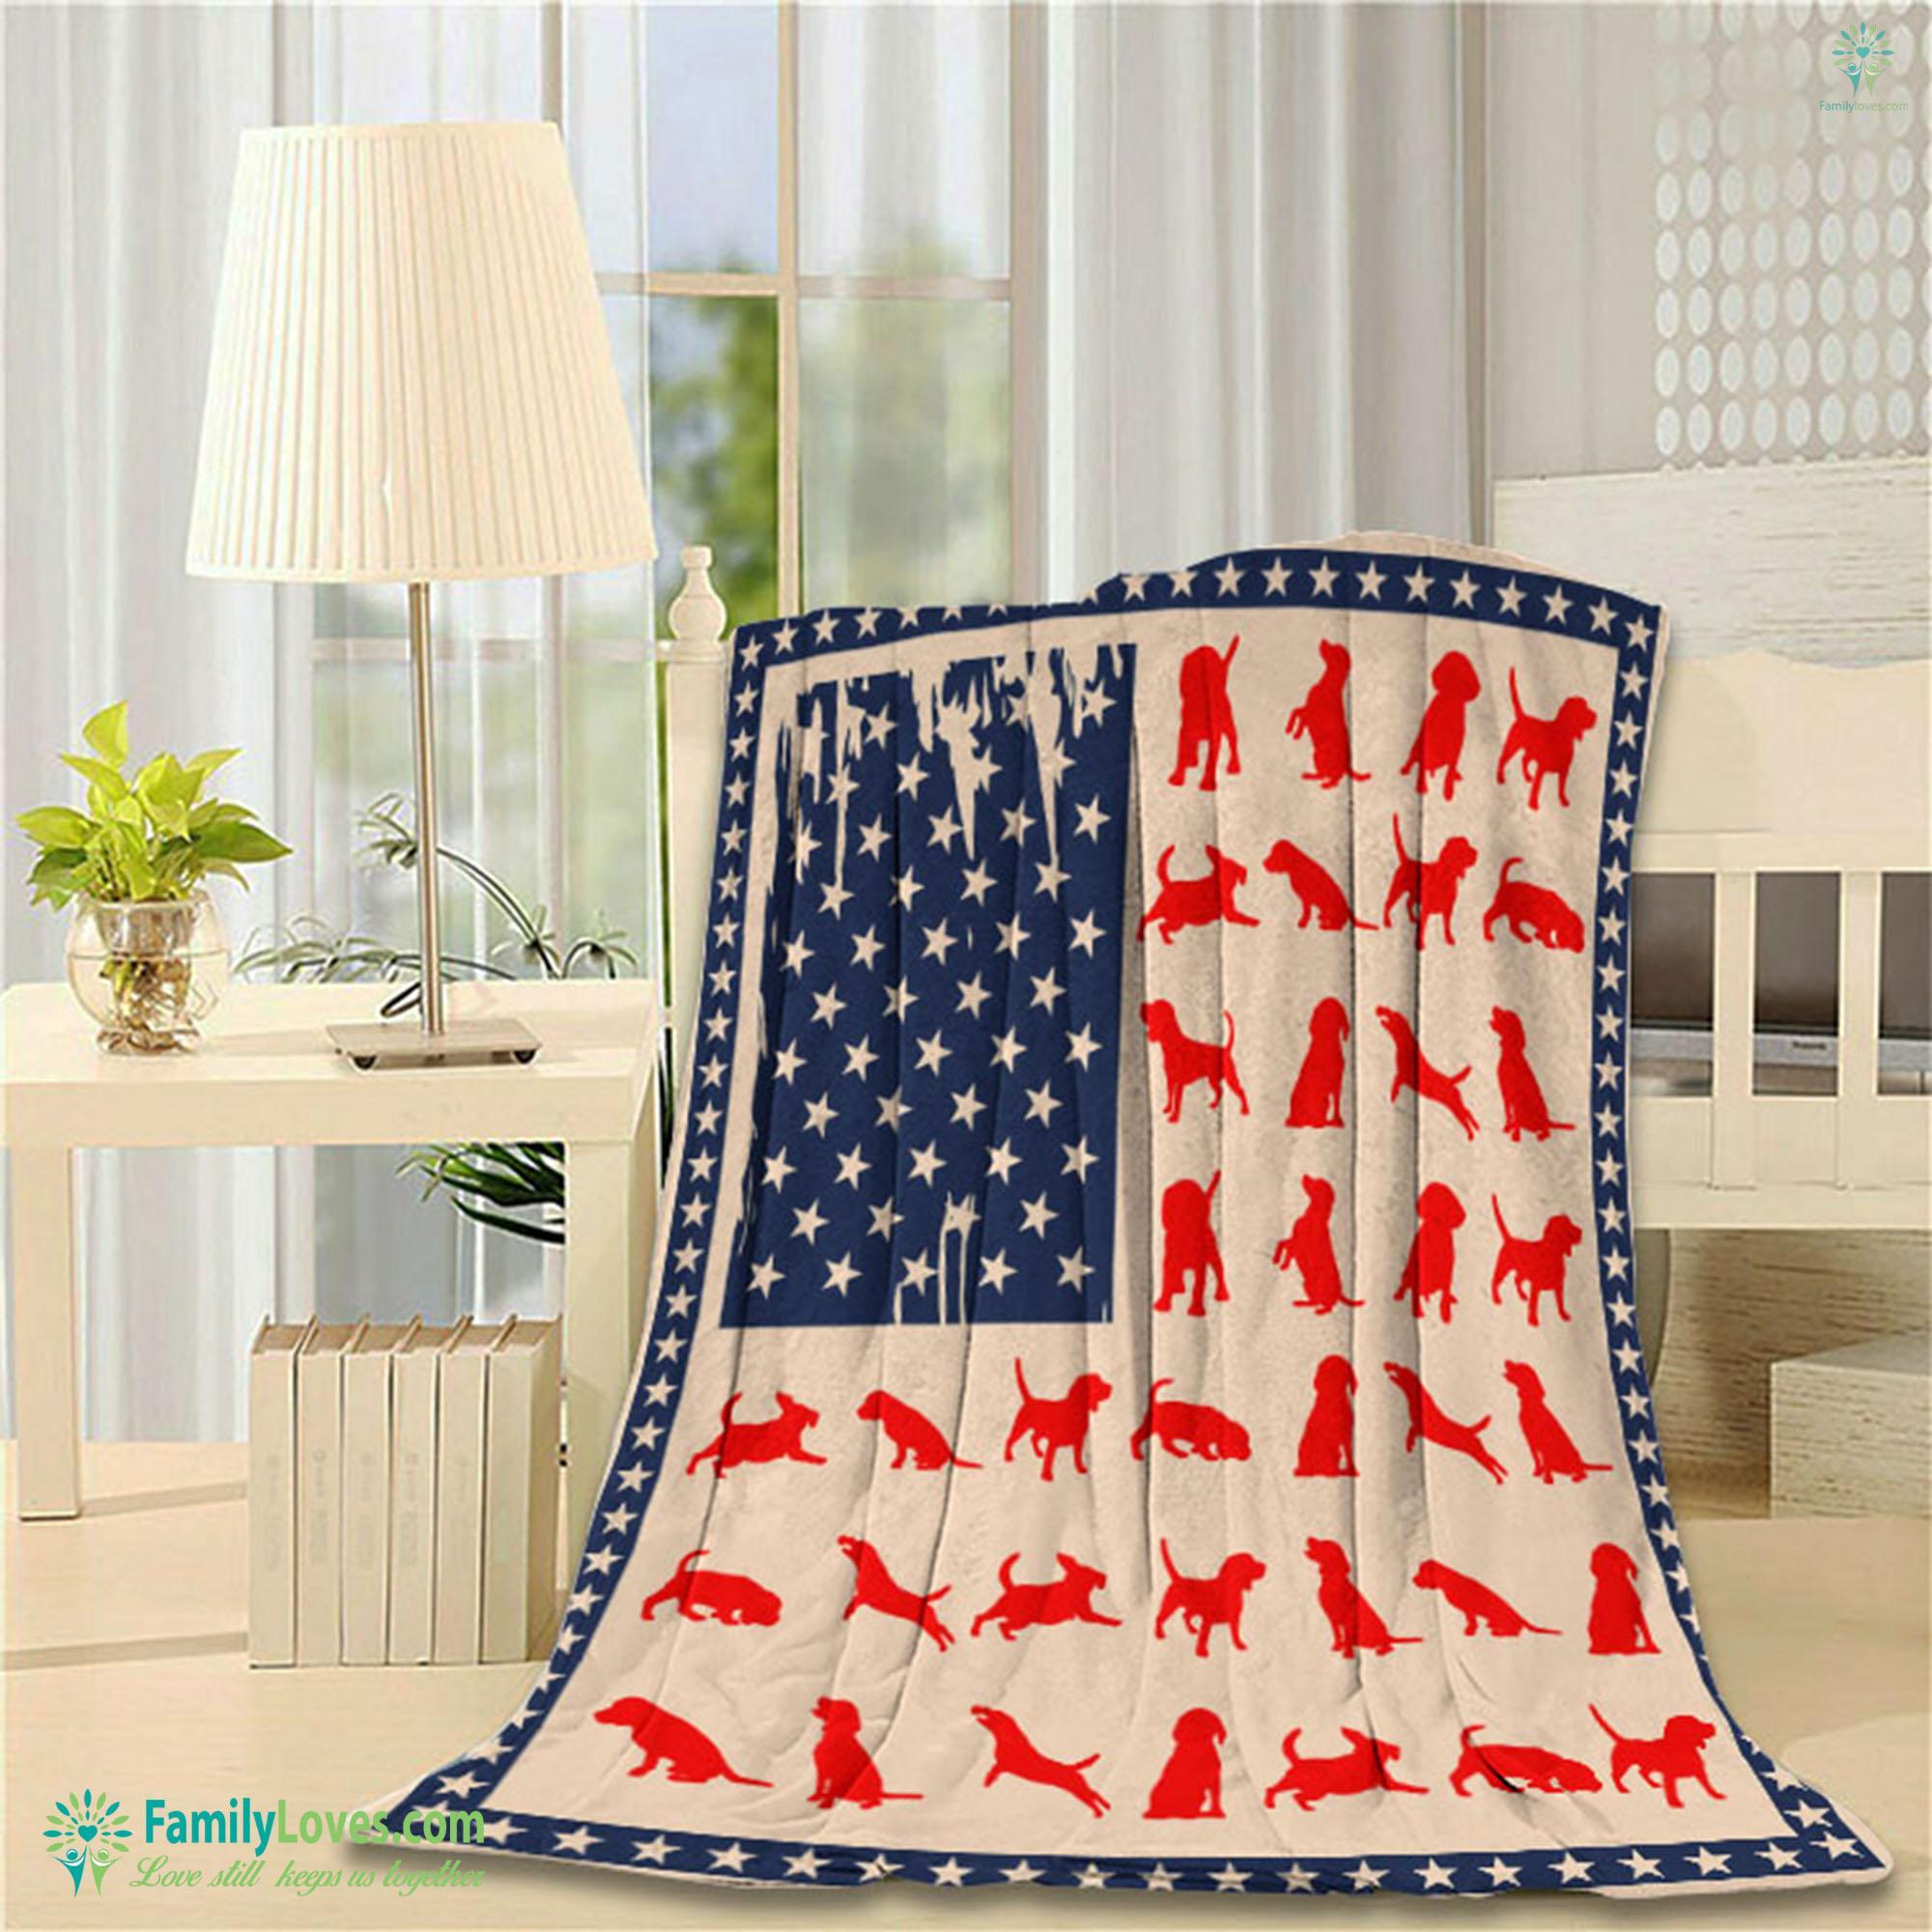 Beagles Flag Blanket 19 Familyloves.com